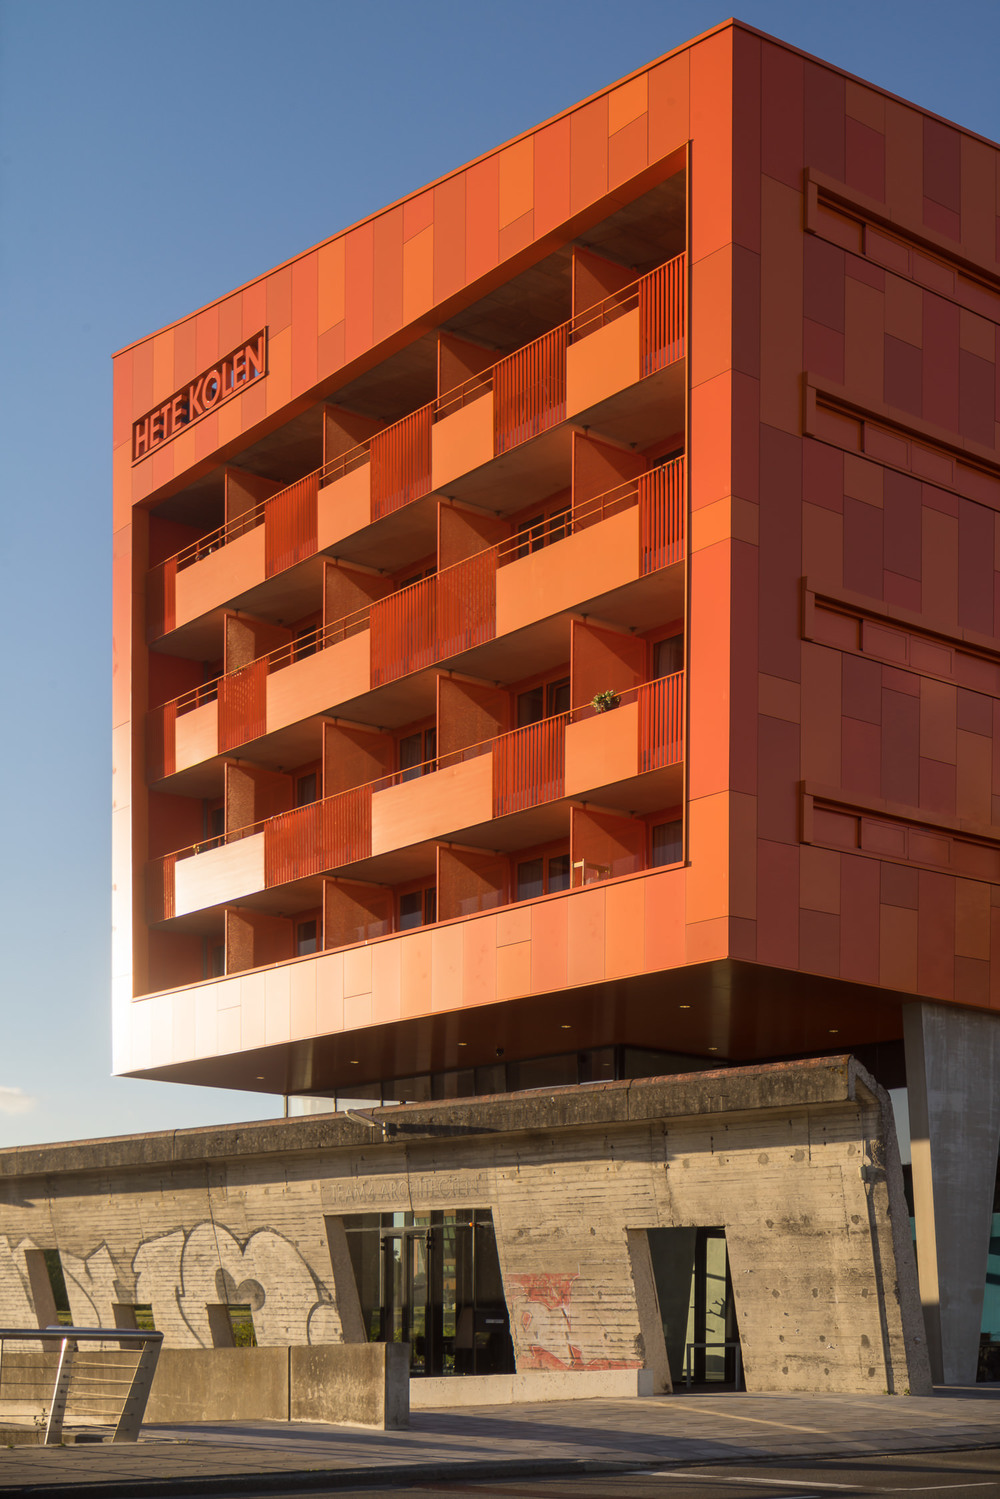 facade view of hete kolen by merk hadden architectuurfotograaf